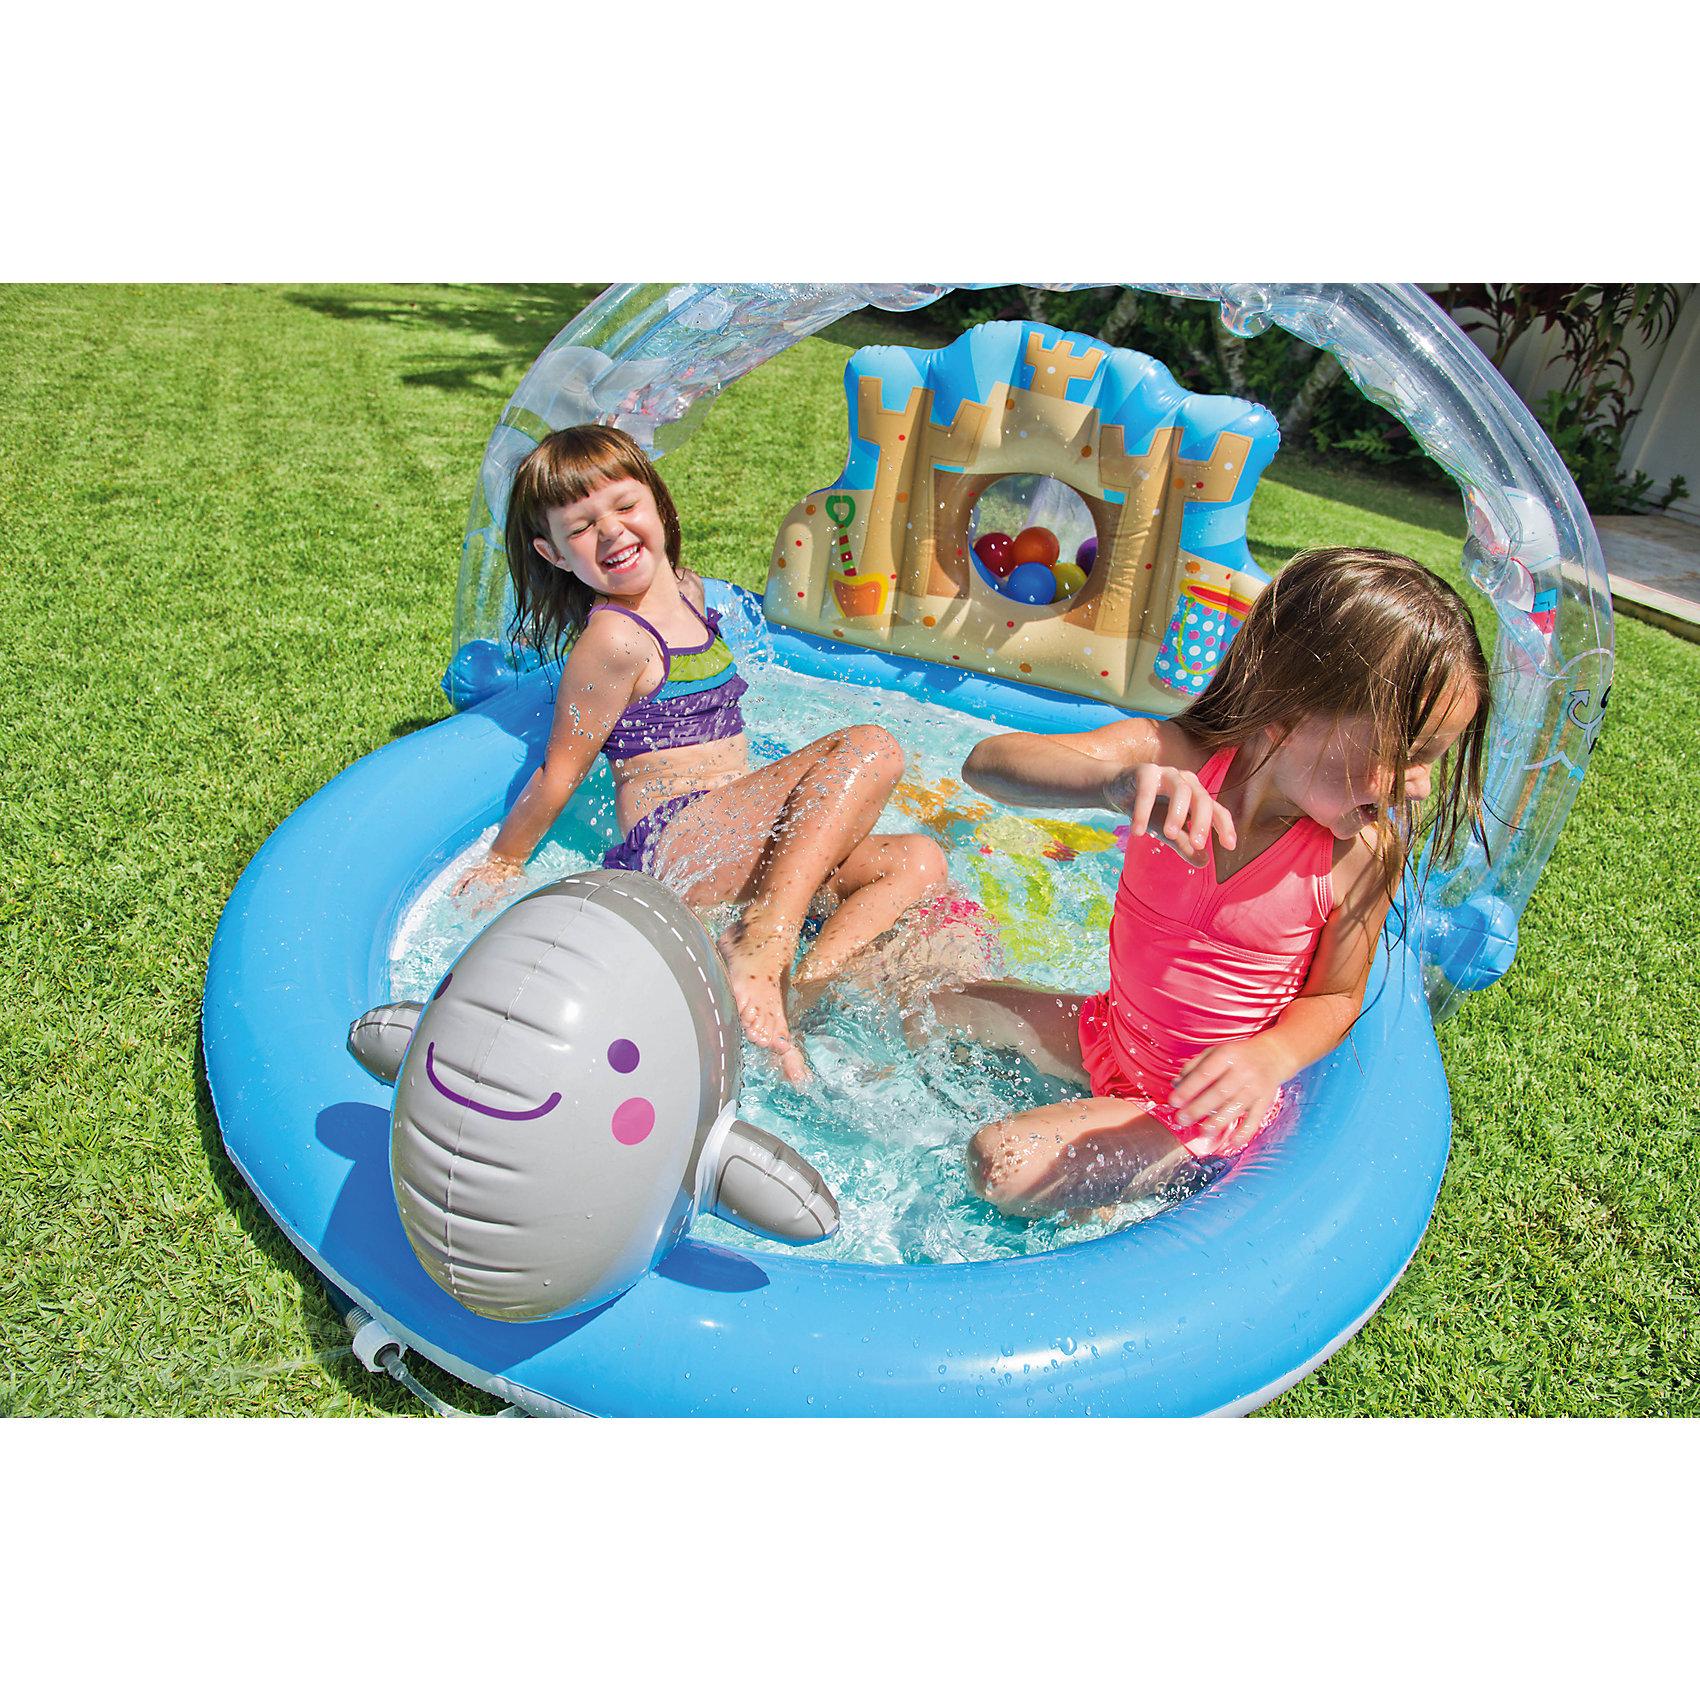 Детский надувной игровой центр На лужайке, IntexИгровые центры<br>Характеристики тоавара:<br><br>• вкомплекте: детский надувной игровой центр На лужайке Интекс, 6 разноцветным шариков <br>• размер: 155x130x84 см<br>• объем бассейна 123 л. при 80 % наполнении.<br>• высота бортиков 11 см.<br>• вес в упаковке: 4,5 кг.<br><br>Детский надувной игровой центр На лужайке, Intex (Интекс) может служить Вашим деткам прекрасным бассейном. <br><br>Если одолевает жара или захотелось водных процедур, Вы можете создать свой маленький оазис, просто подключив садовый шланг к распылителю-радуге. <br><br>В задней высокой стенке бассейна сделана маленькая пещера, где детки могут прятать свои игрушки.<br><br>Детский надувной игровой центр На лужайке, Intex (Интекс) можно купить в нашем интернет-магазине.<br><br>Ширина мм: 325<br>Глубина мм: 335<br>Высота мм: 391<br>Вес г: 7713<br>Возраст от месяцев: 36<br>Возраст до месяцев: 1164<br>Пол: Унисекс<br>Возраст: Детский<br>SKU: 2535132